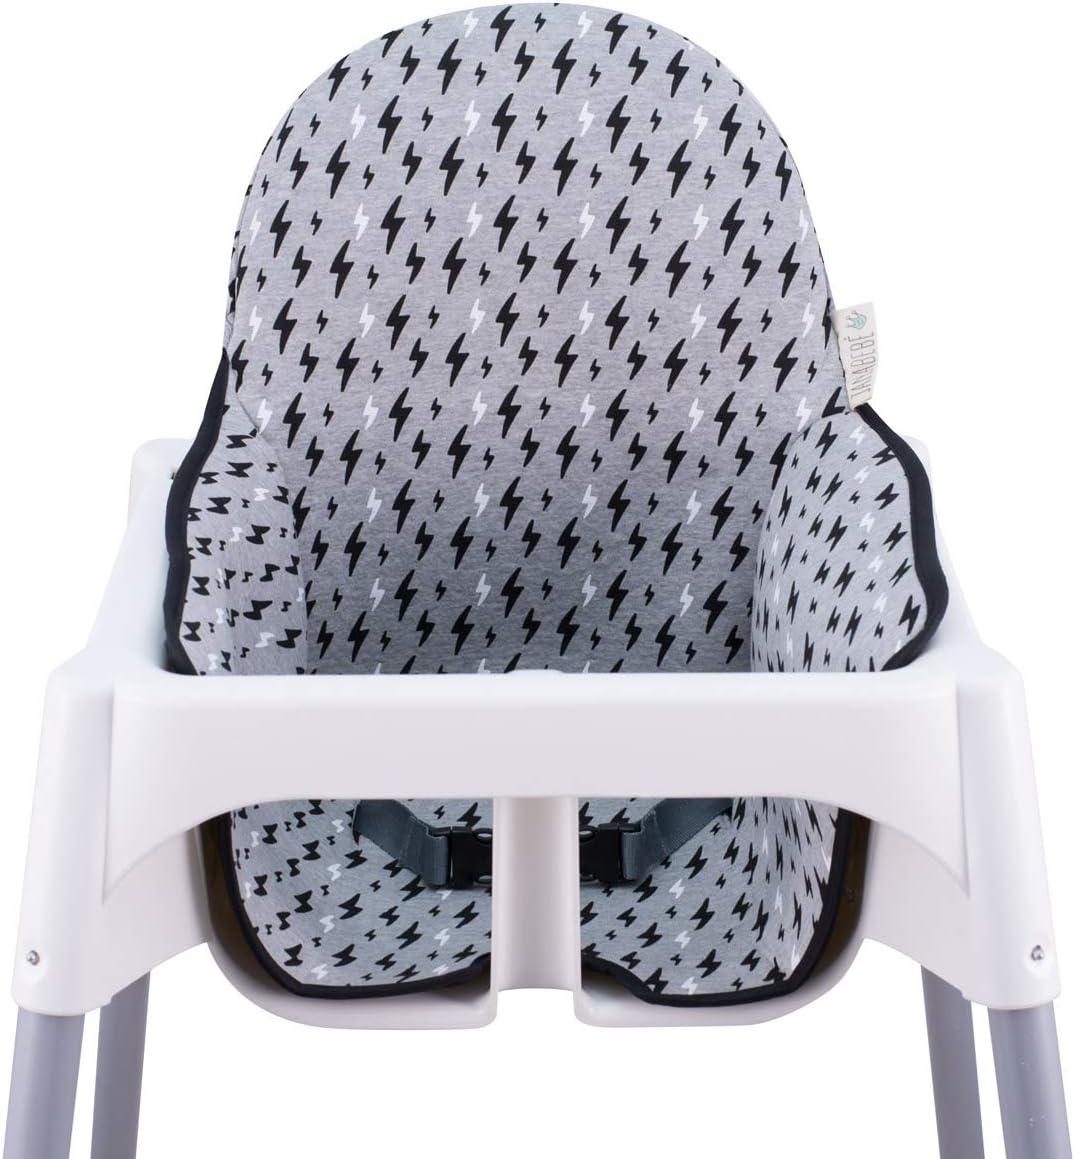 Janabebe Coussin pour le chaise haute Ikea Antilop (BLACK RAYO)